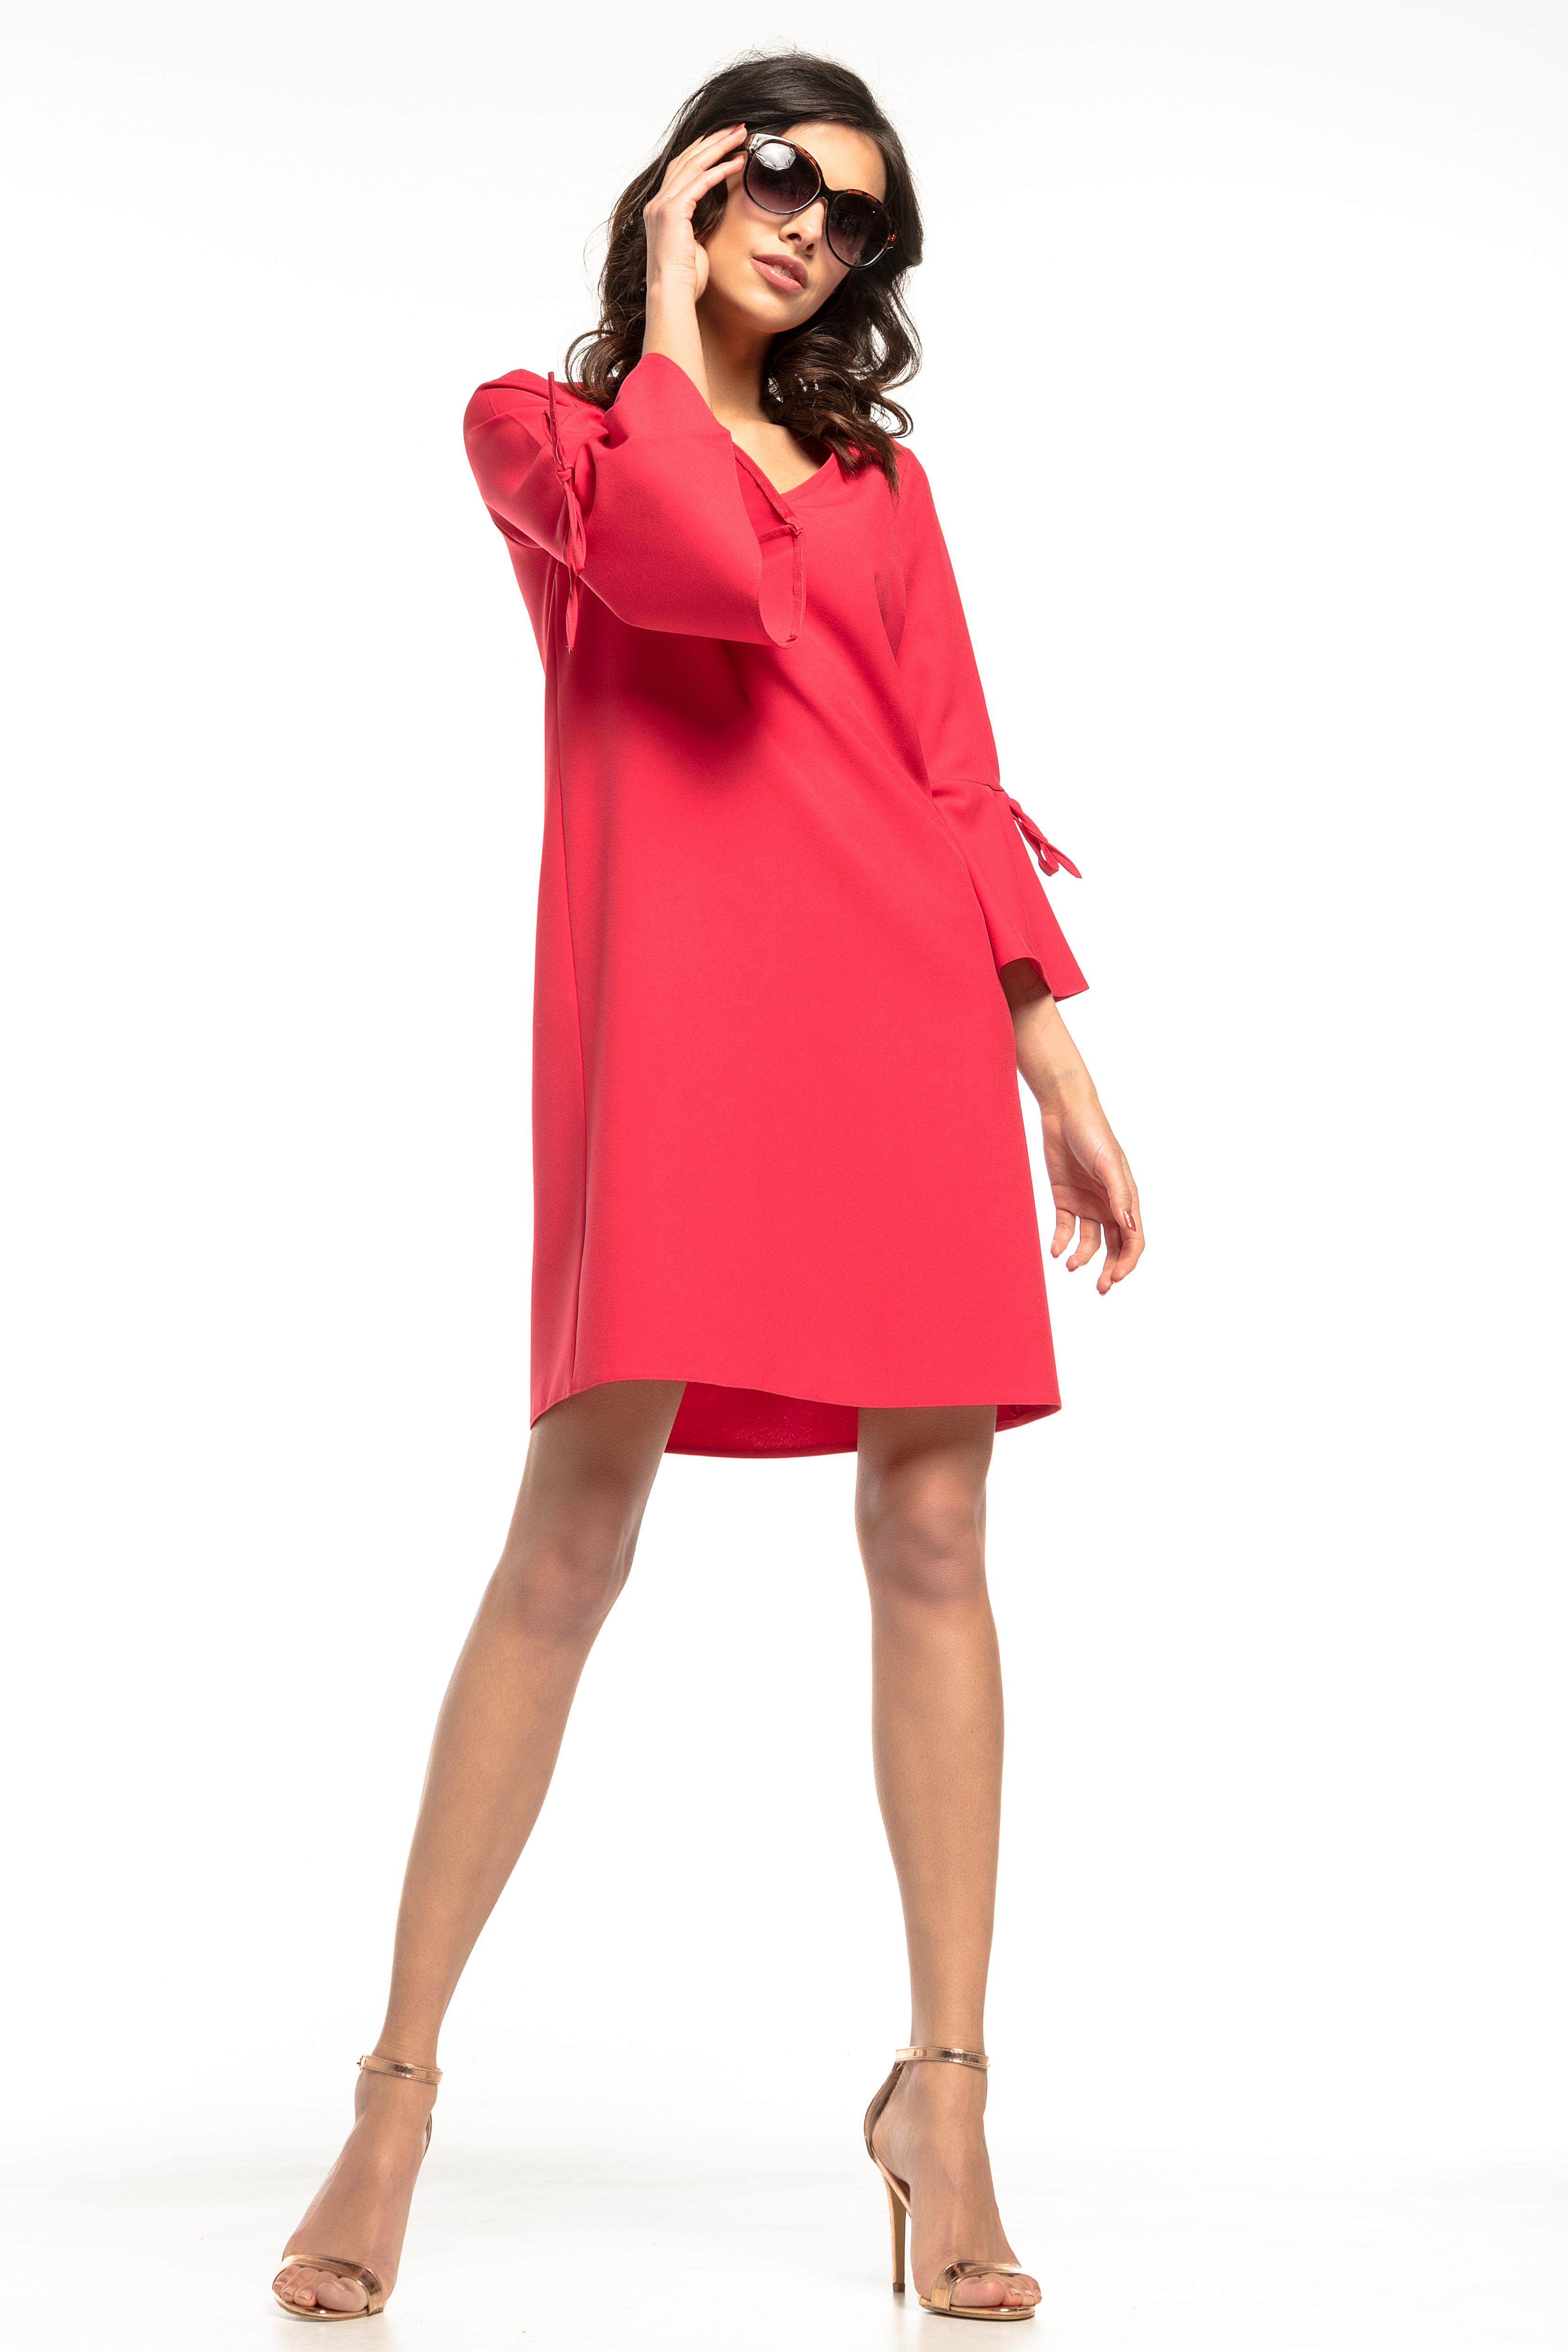 80e429ce0d Sukienka trapezowa z falbankami czerwona - tania wysyłka już od 5